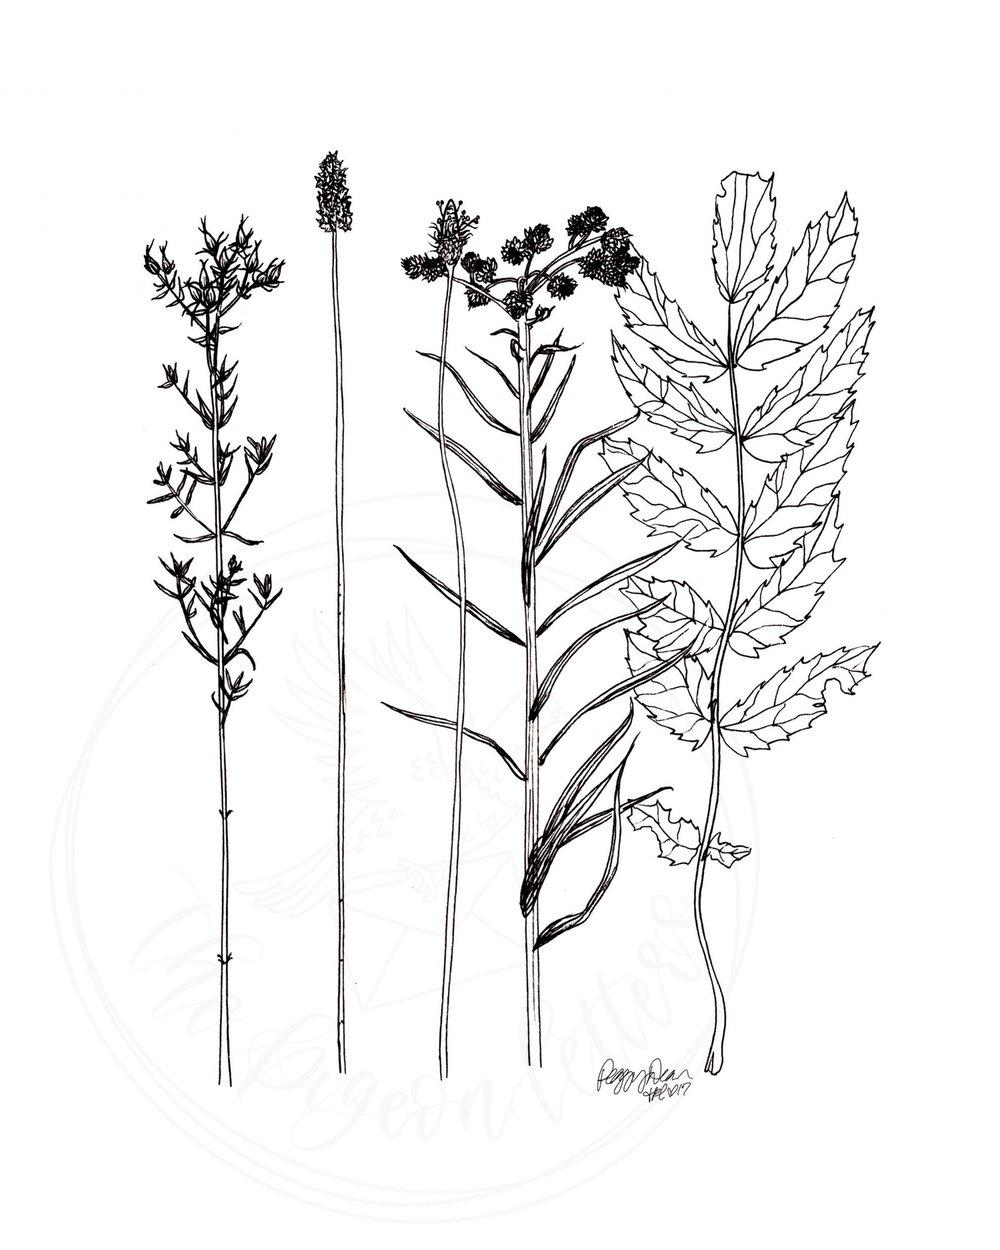 BotanicalsTimothyLake.jpg